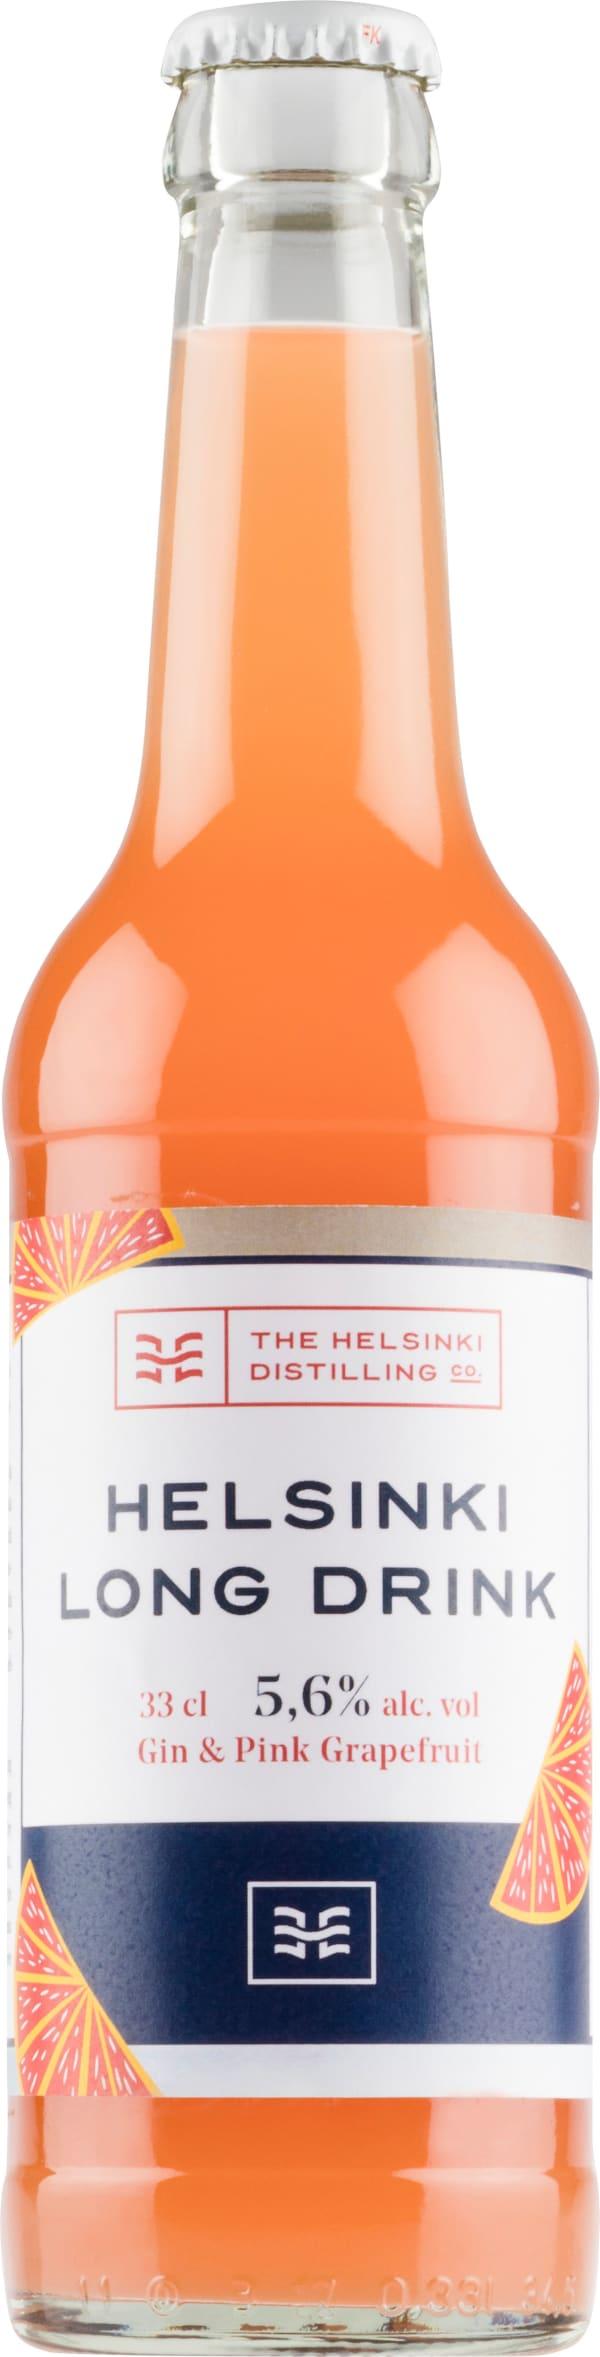 Helsinki Distilling Company Helsinki Long Drink